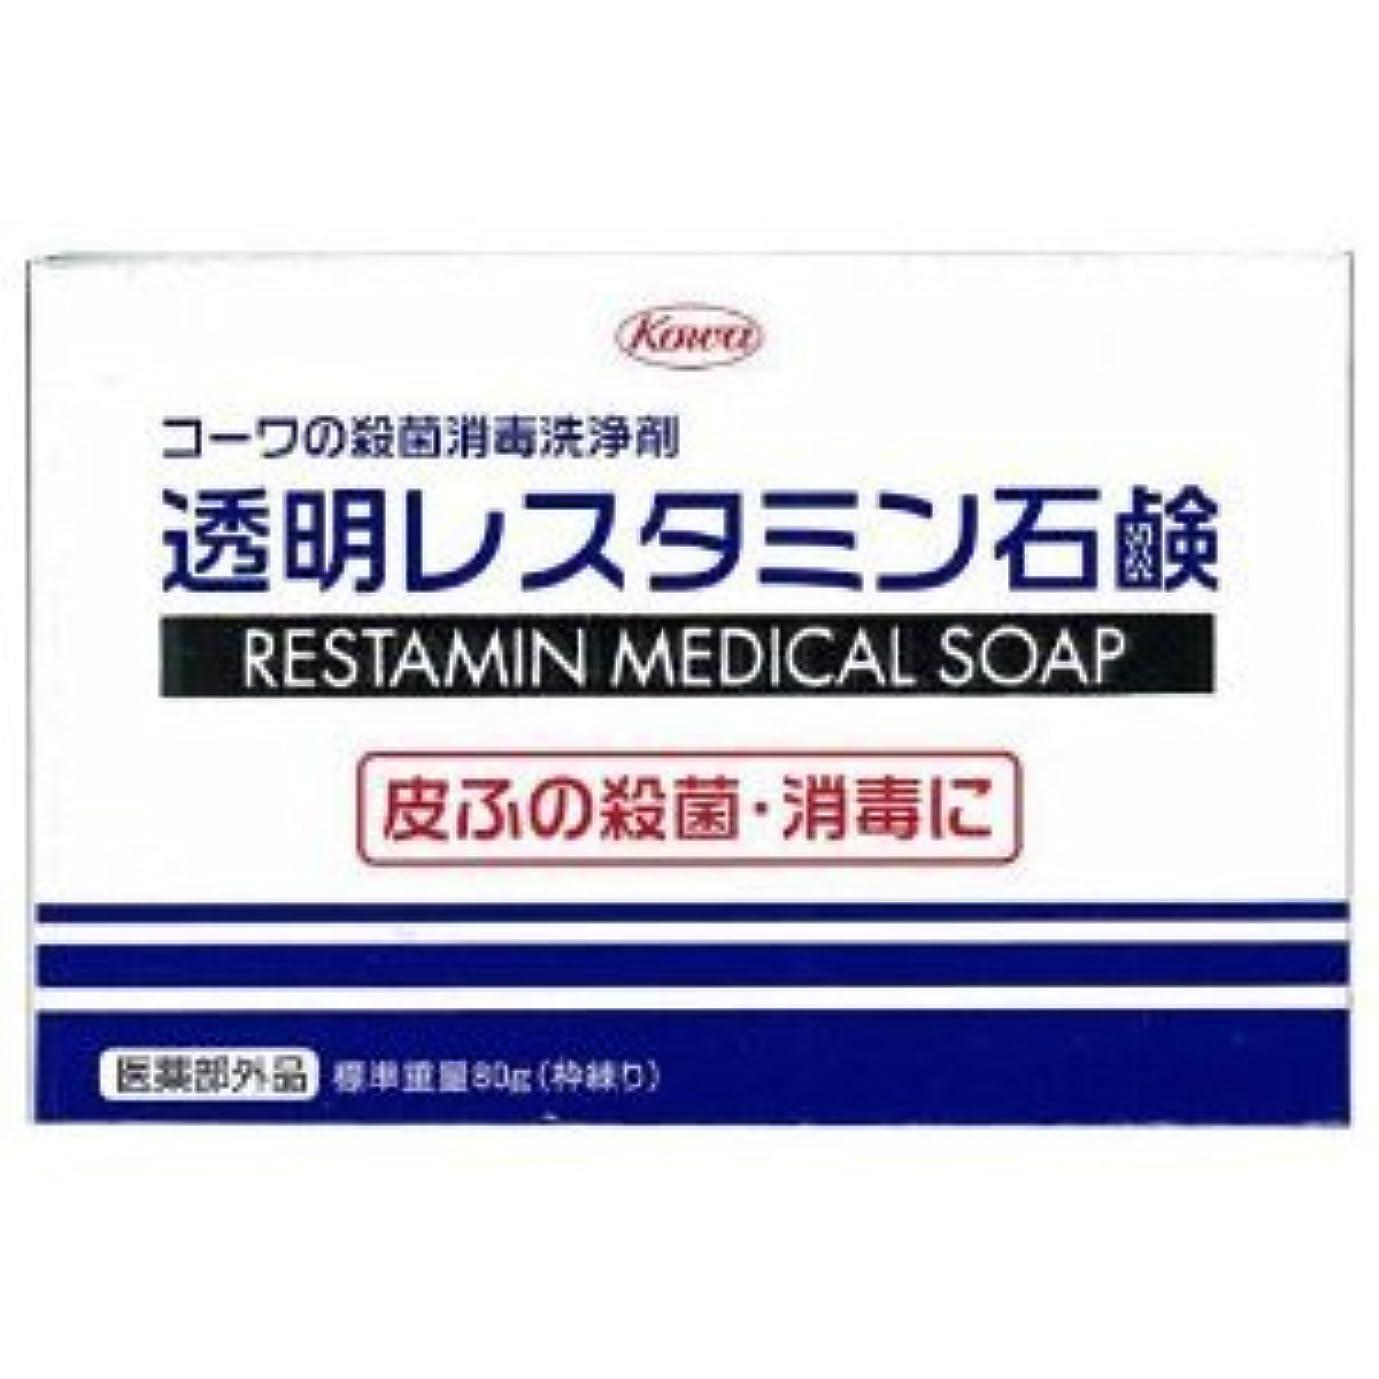 揃えるフリル作り【興和】コーワの殺菌消毒洗浄剤「透明レスタミン石鹸」80g(医薬部外品) ×10個セット